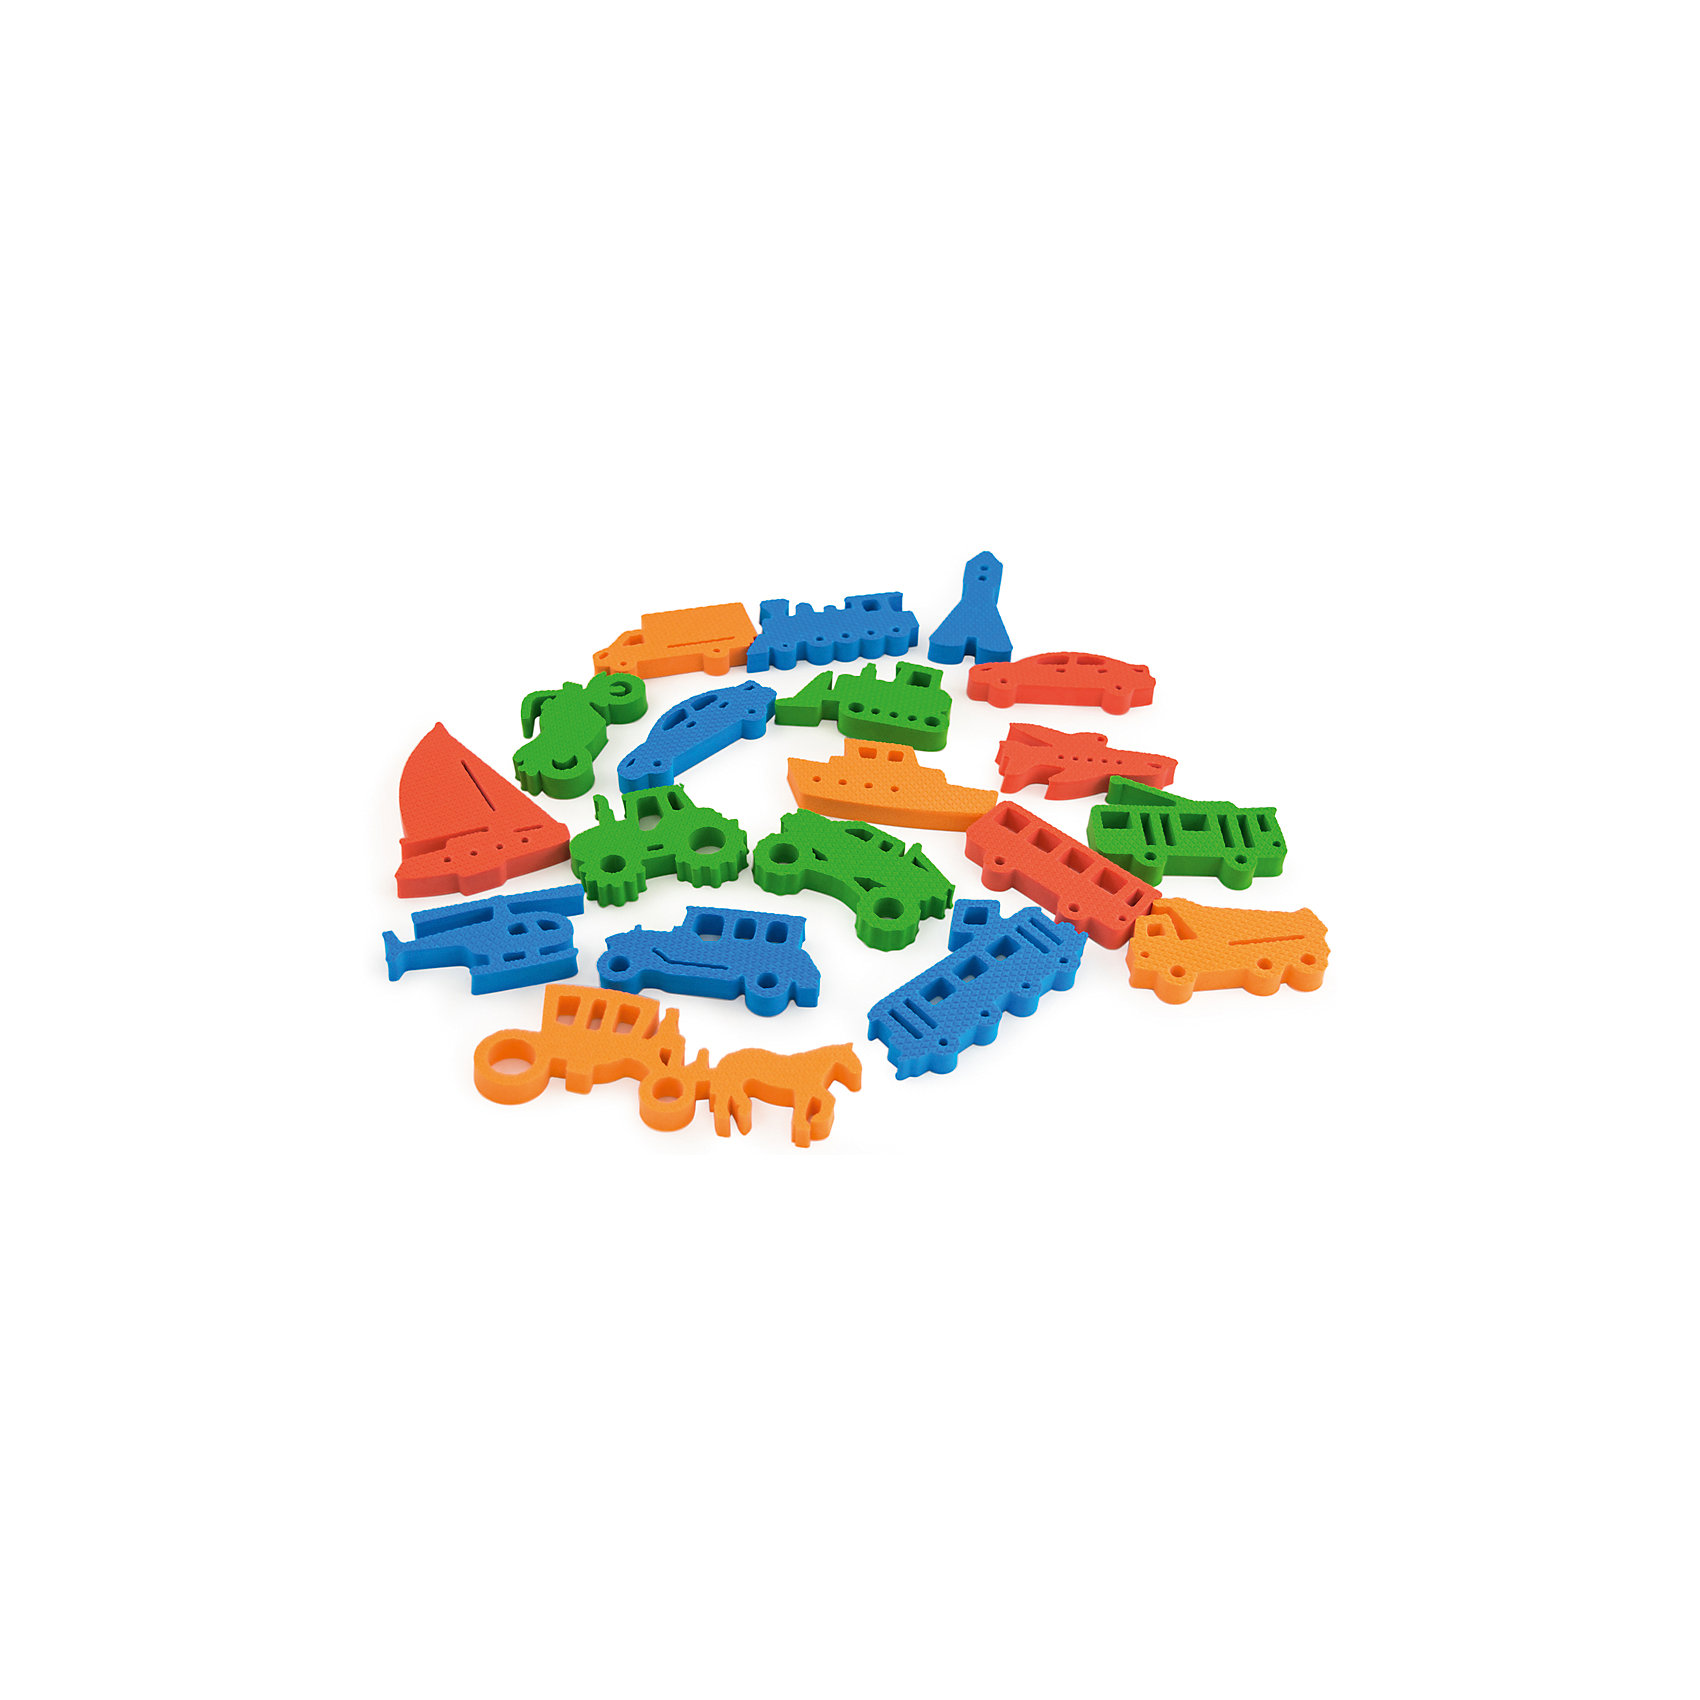 Набор Транспорт, PicnMixИгровые наборы<br>Транспорт от PicnMix - это игрушка, которая поможет вам обучать ребенка даже во время купания. Все детали легко держатся на воде, кафеле и других гладких поверхностях. В комплекте фигурки с различными видами транспорта четырех цветов: красный, оранжевый, зеленый, синий. Ребенок без труда выучит названия транспорта, а с вашей помощью он узнает для чего нужно каждое транспортное средство. Отлично развивает мелкую моторику и память. С игрой Транспорт купаться будет очень весело и интересно!<br><br>Дополнительная информация:<br>Материал: ЭВА<br>Размер упаковки: 15х15х25 см<br>Вес: 100 грамм<br><br>Набор Транспорт от PicnMix можно приобрести в нашем интернет-магазине.<br><br>Ширина мм: 150<br>Глубина мм: 250<br>Высота мм: 150<br>Вес г: 100<br>Возраст от месяцев: 36<br>Возраст до месяцев: 60<br>Пол: Унисекс<br>Возраст: Детский<br>SKU: 5008804